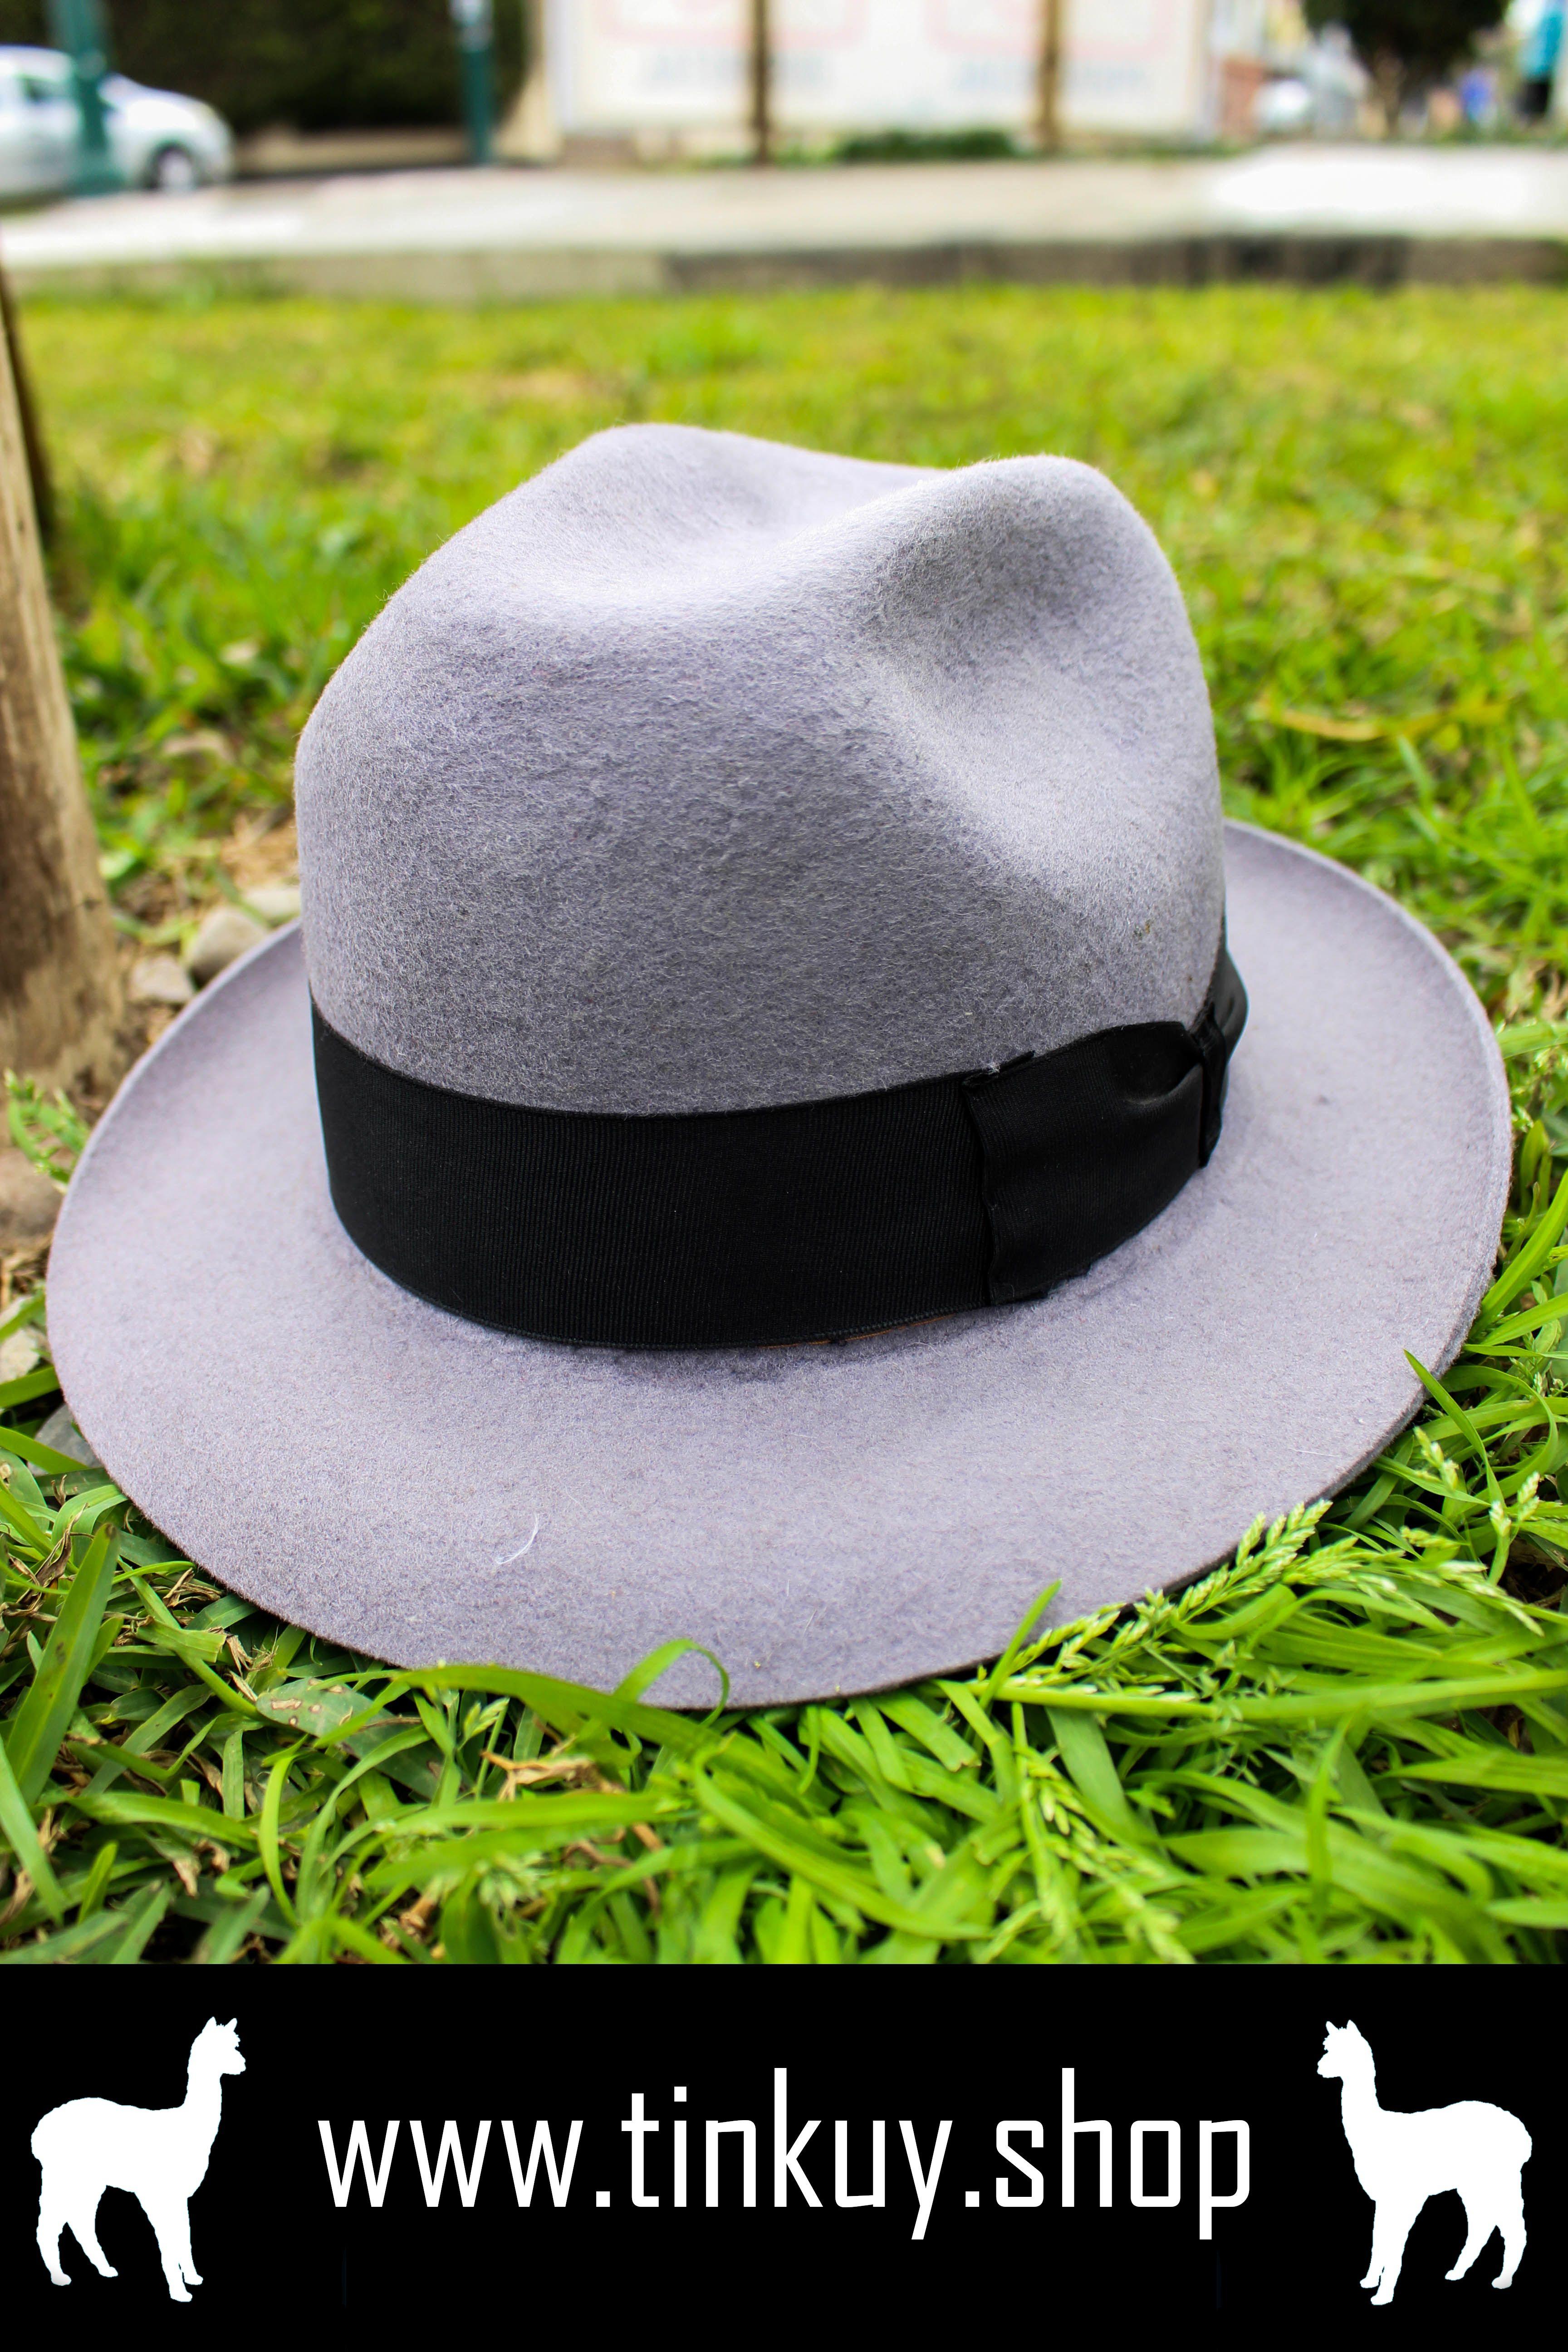 e1749ec0ab618 Fedora hats for men, Peruvian hats, fedora hats online, winter hats ...